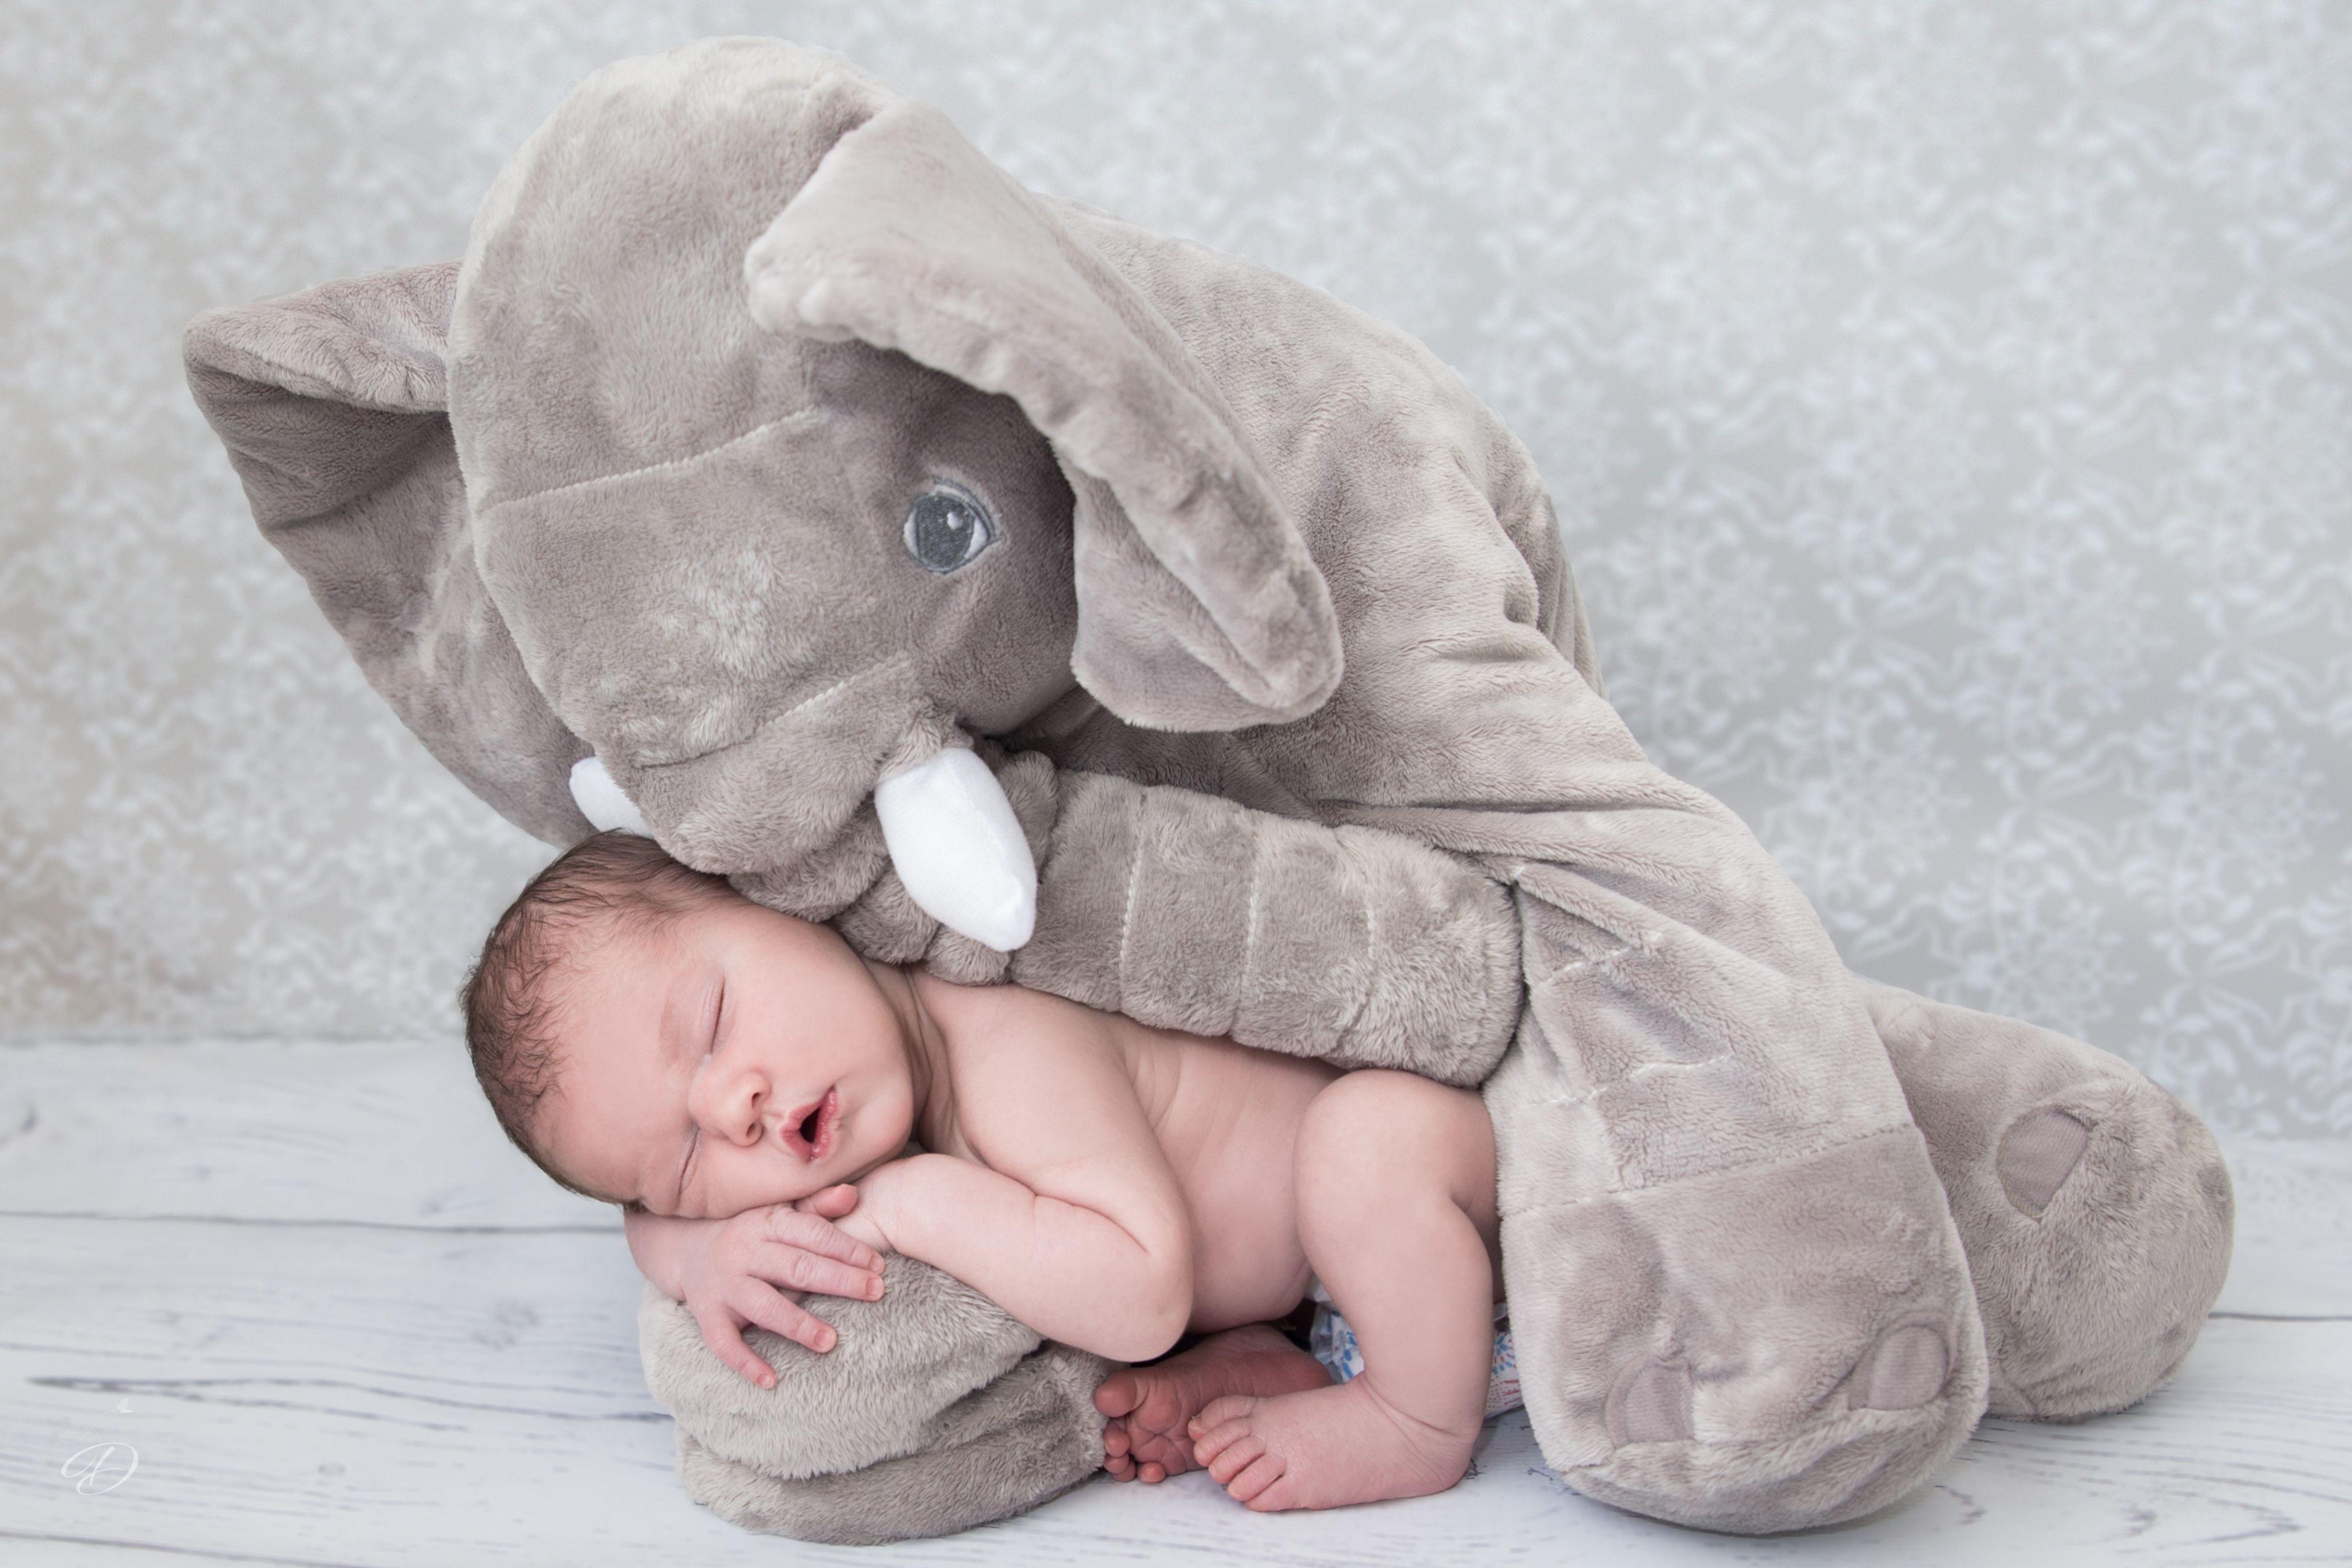 Newborn elephant by @drymaia02